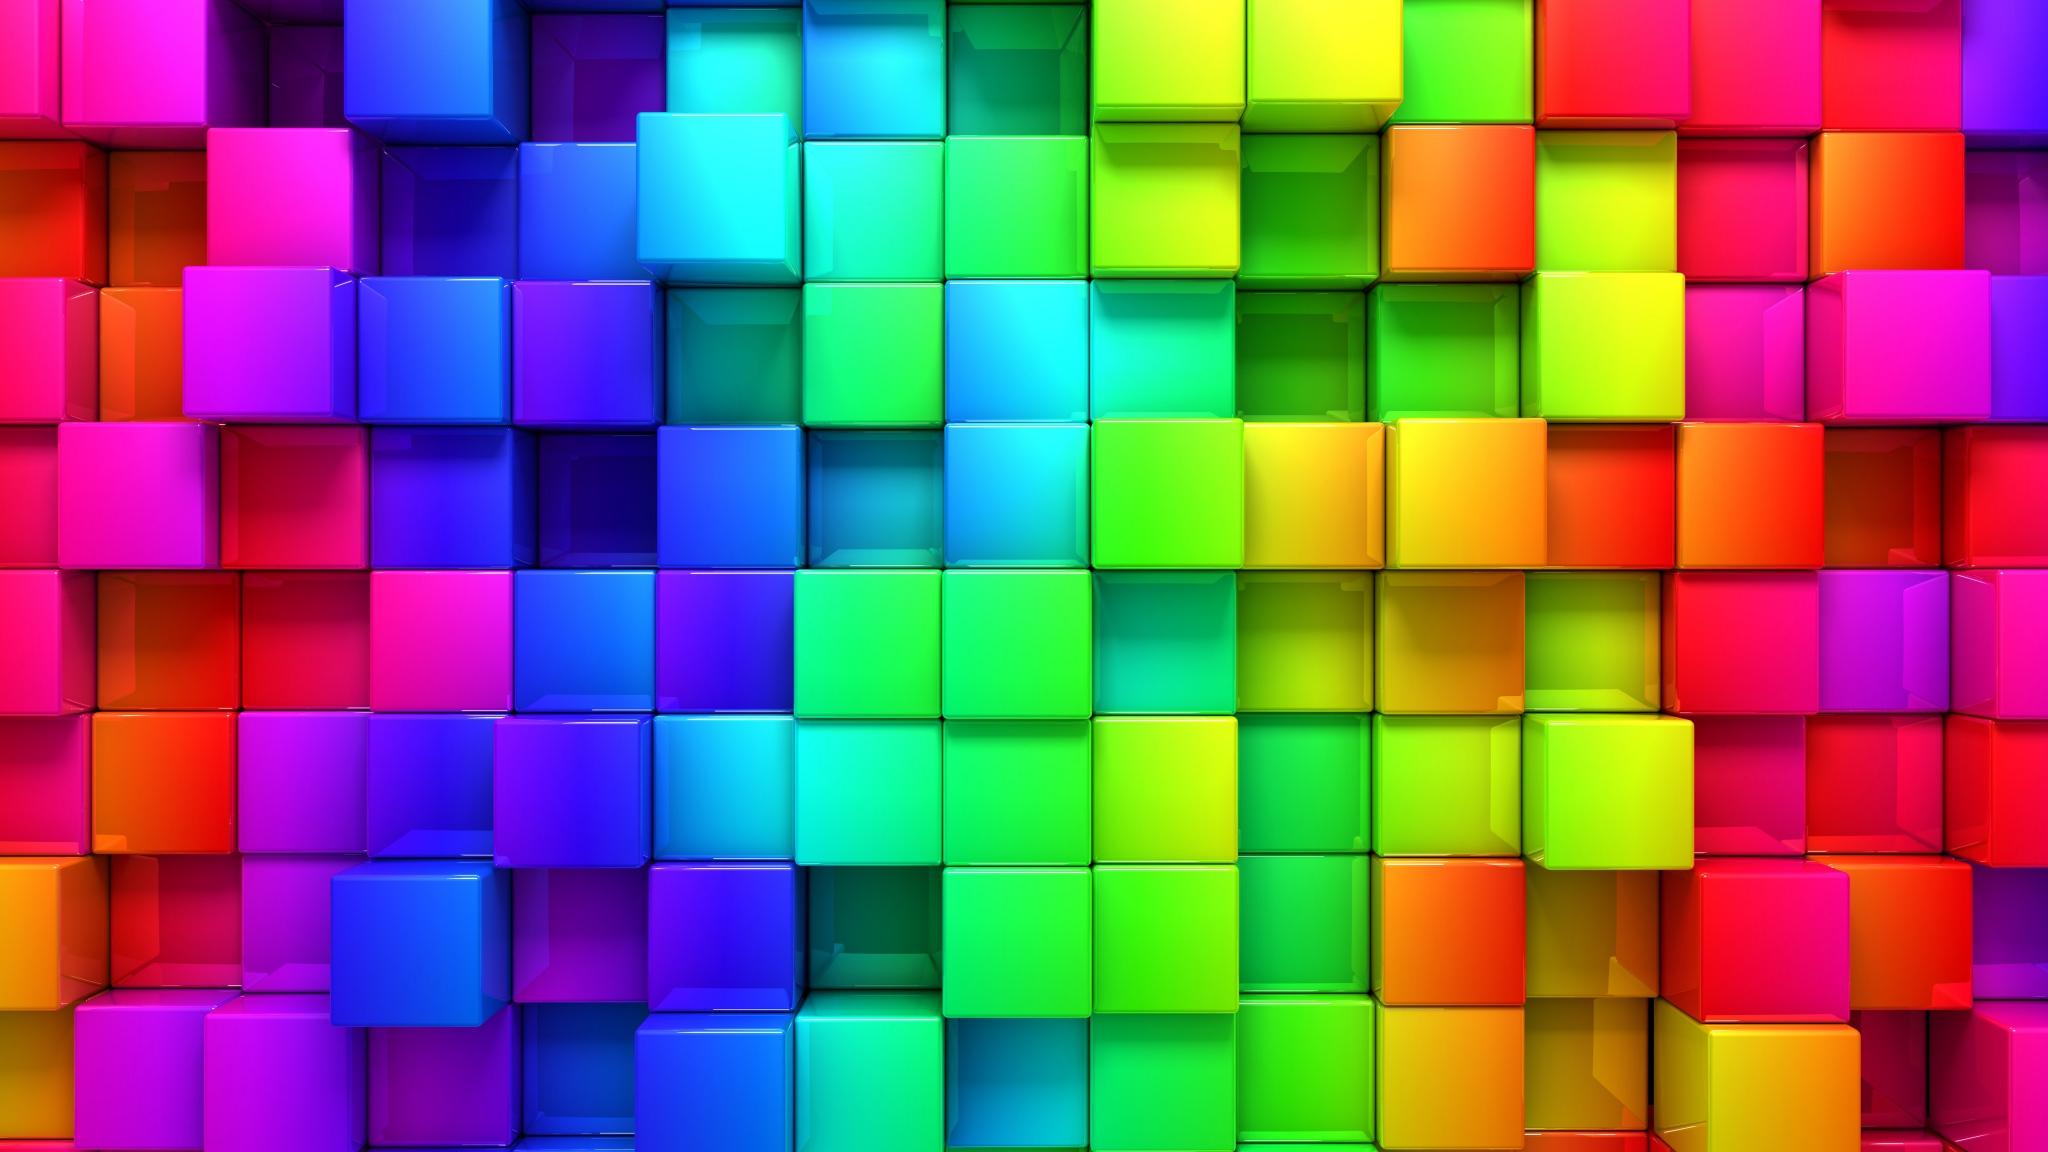 HD Desktop Wallpapers HD 2048x1152, Free Desktop Backgrounds